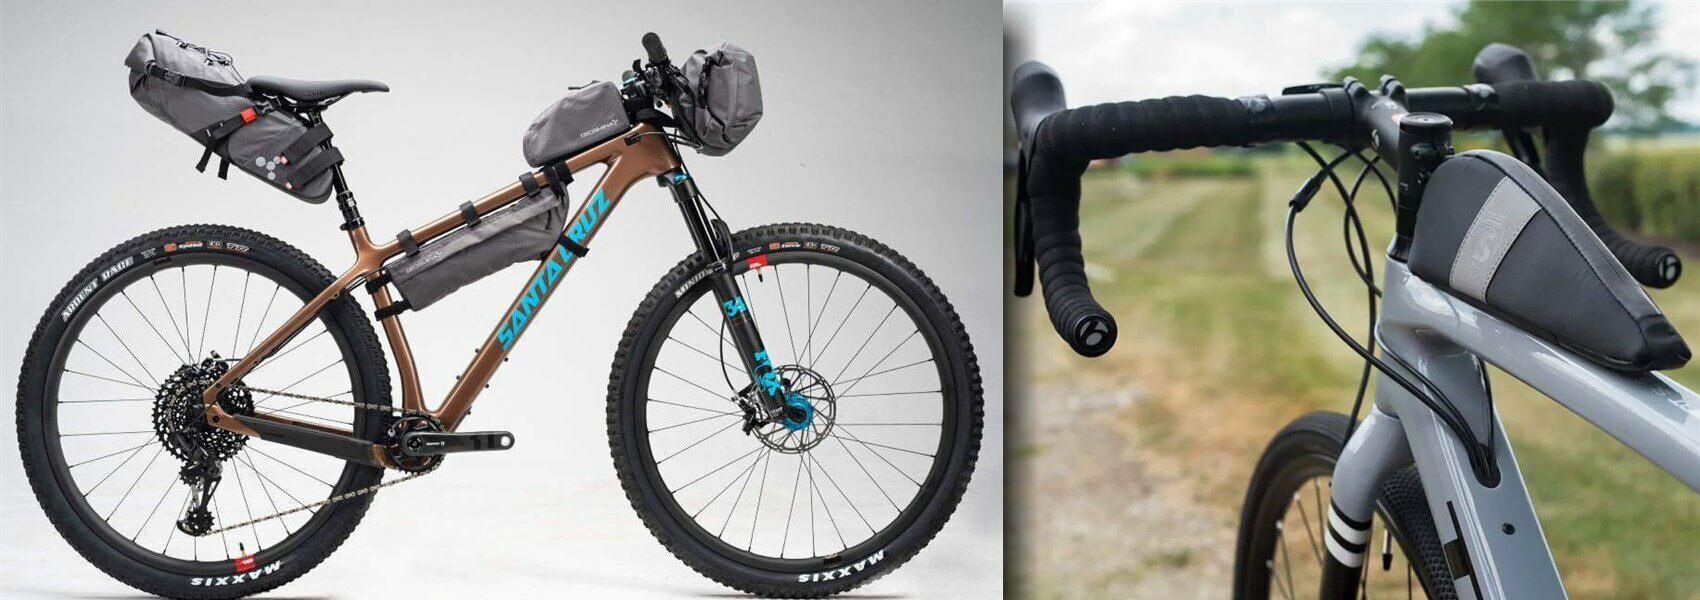 3k_bikepacking túra közlekedés mibe pakold a cuccot a kerékpáron, melyik táska hova és mire való